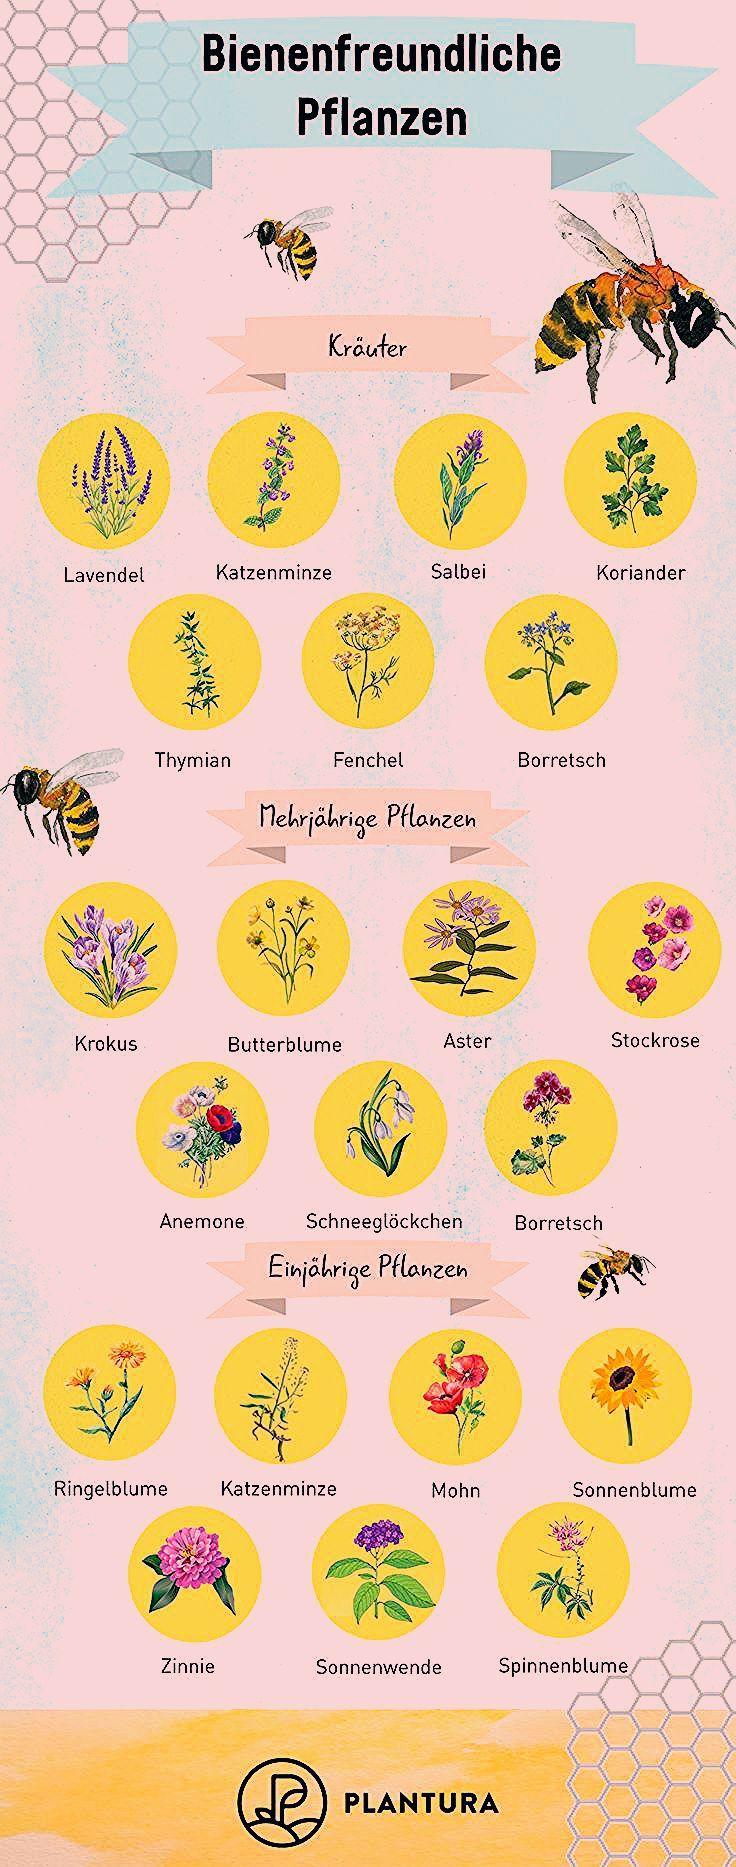 Photo of Bienenfreundliche Balkonpflanzen: 15 Balkonpflanzen für Bienen – Plantura